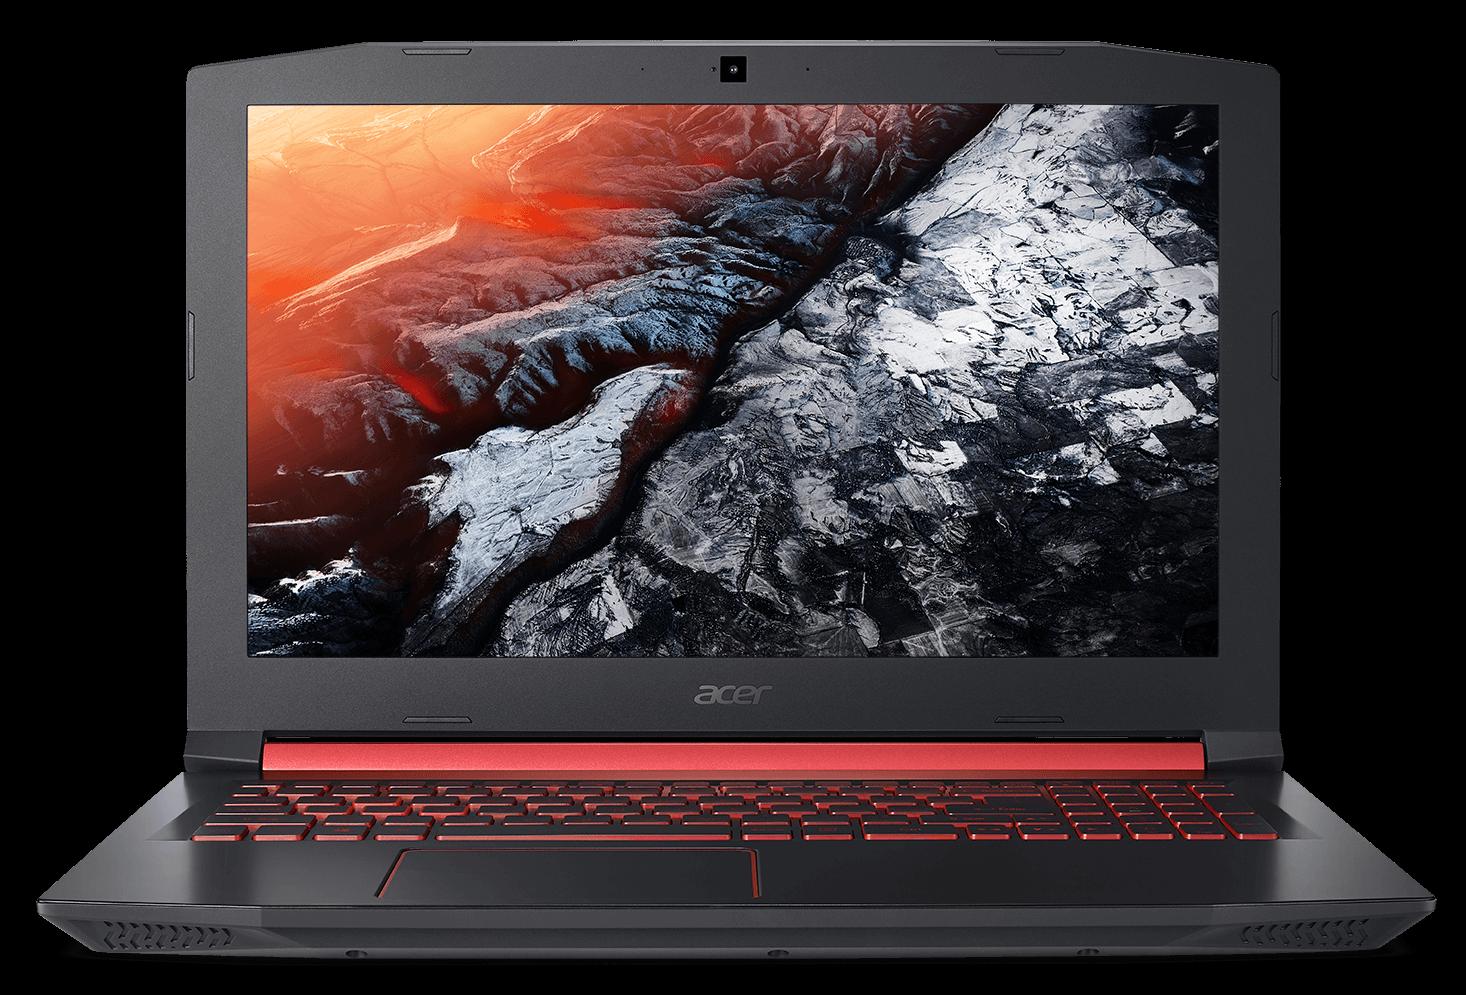 Acer iepazīstina ar pilnīgi jauno piezīmjdatoru sēriju Nitro 5 bezrūpīgai spēlēšanai